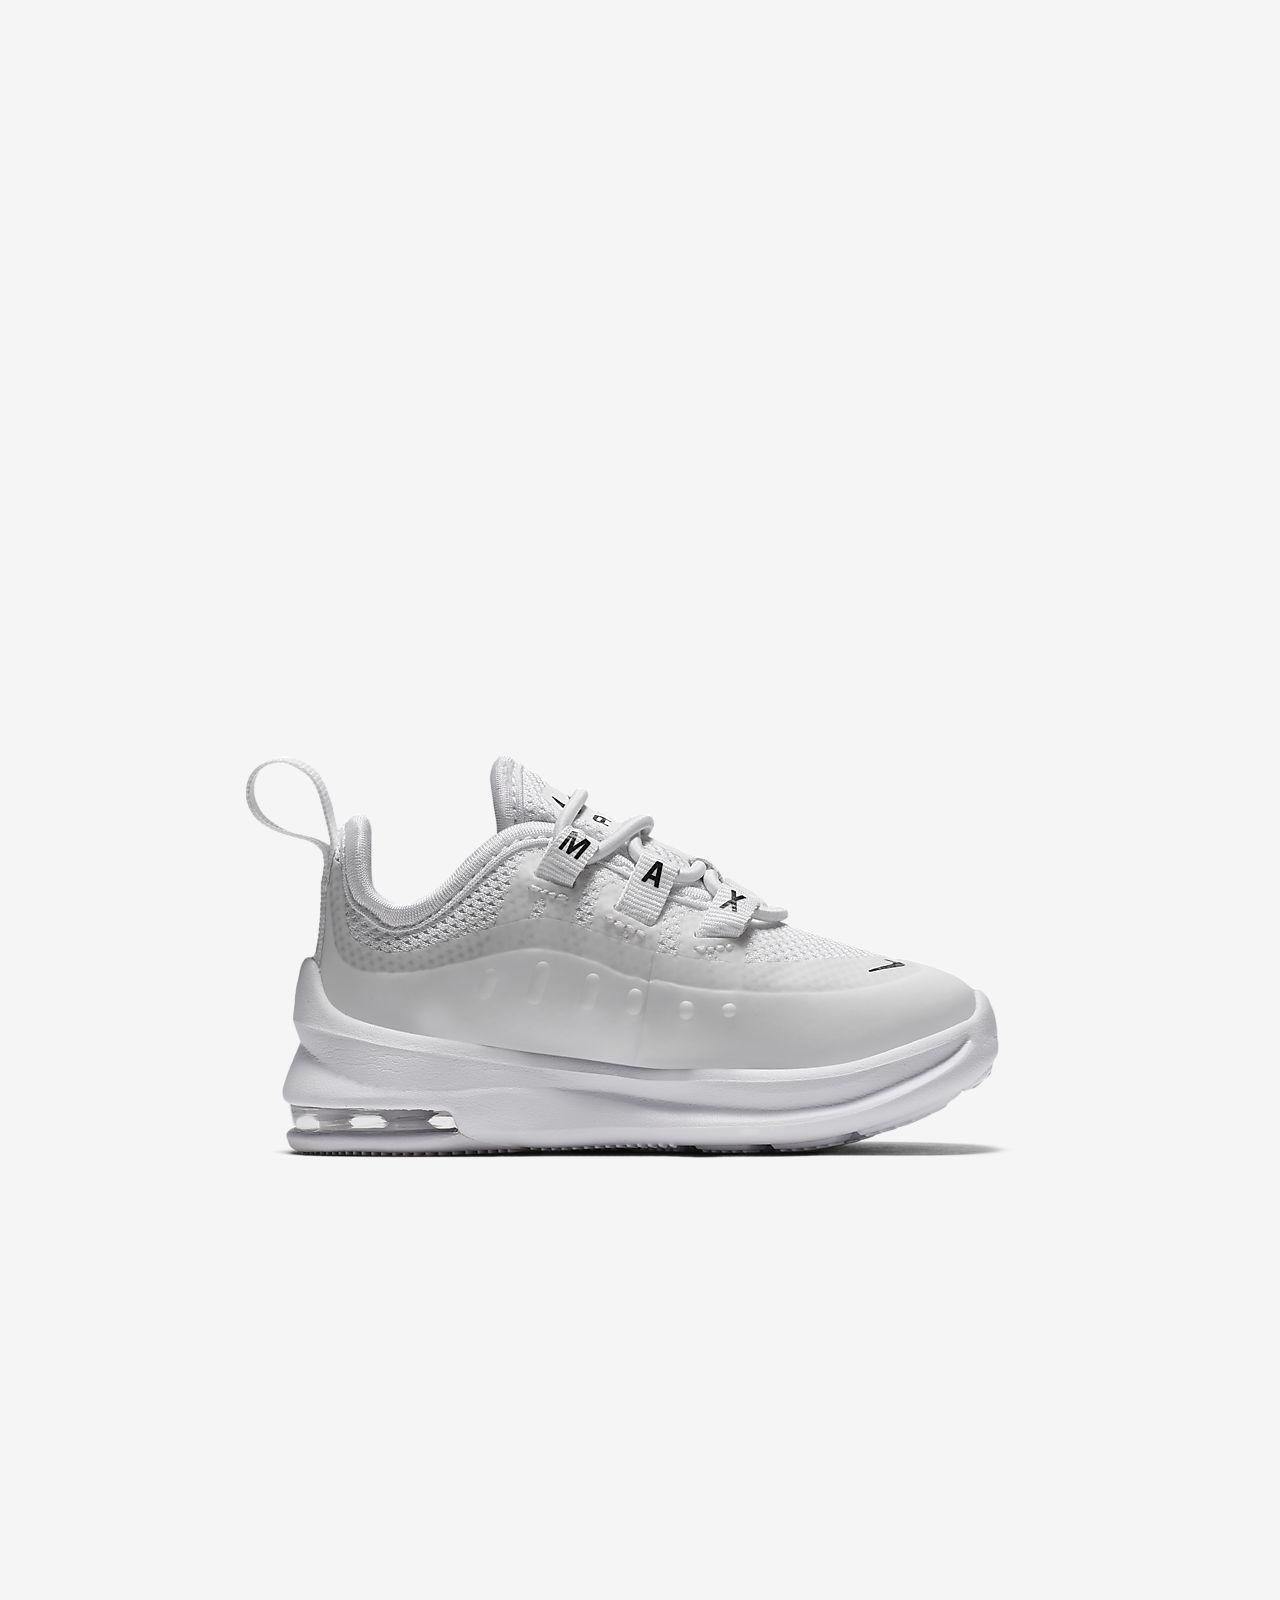 Nike Air Max Axis sko til babyersmåbørn